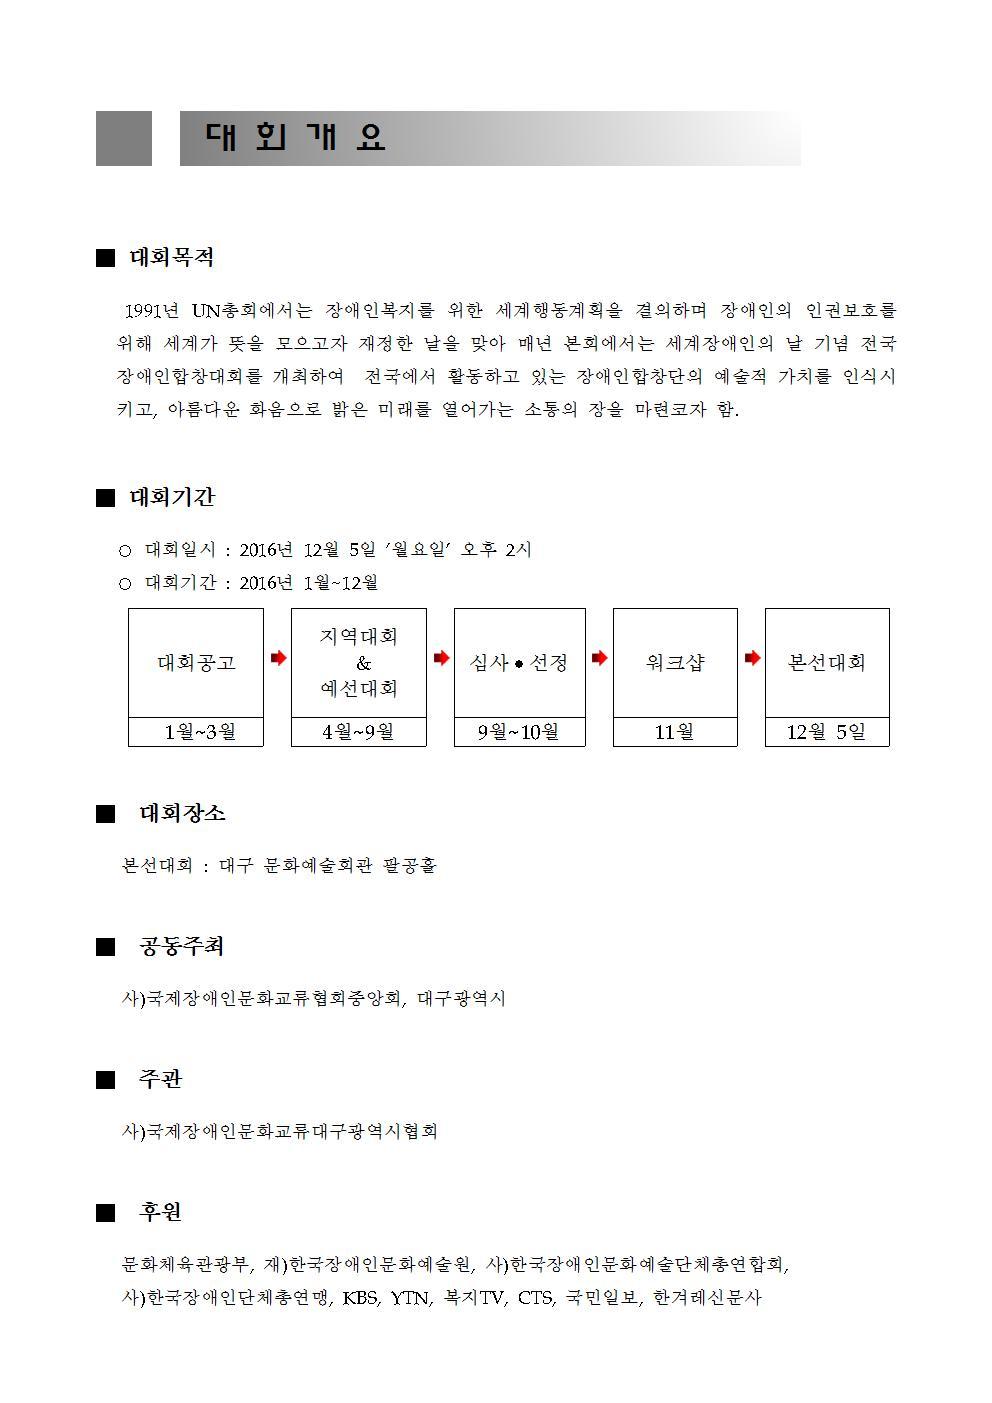 16-전국장애인합창대회_대회요강(홈페이지)001.jpg